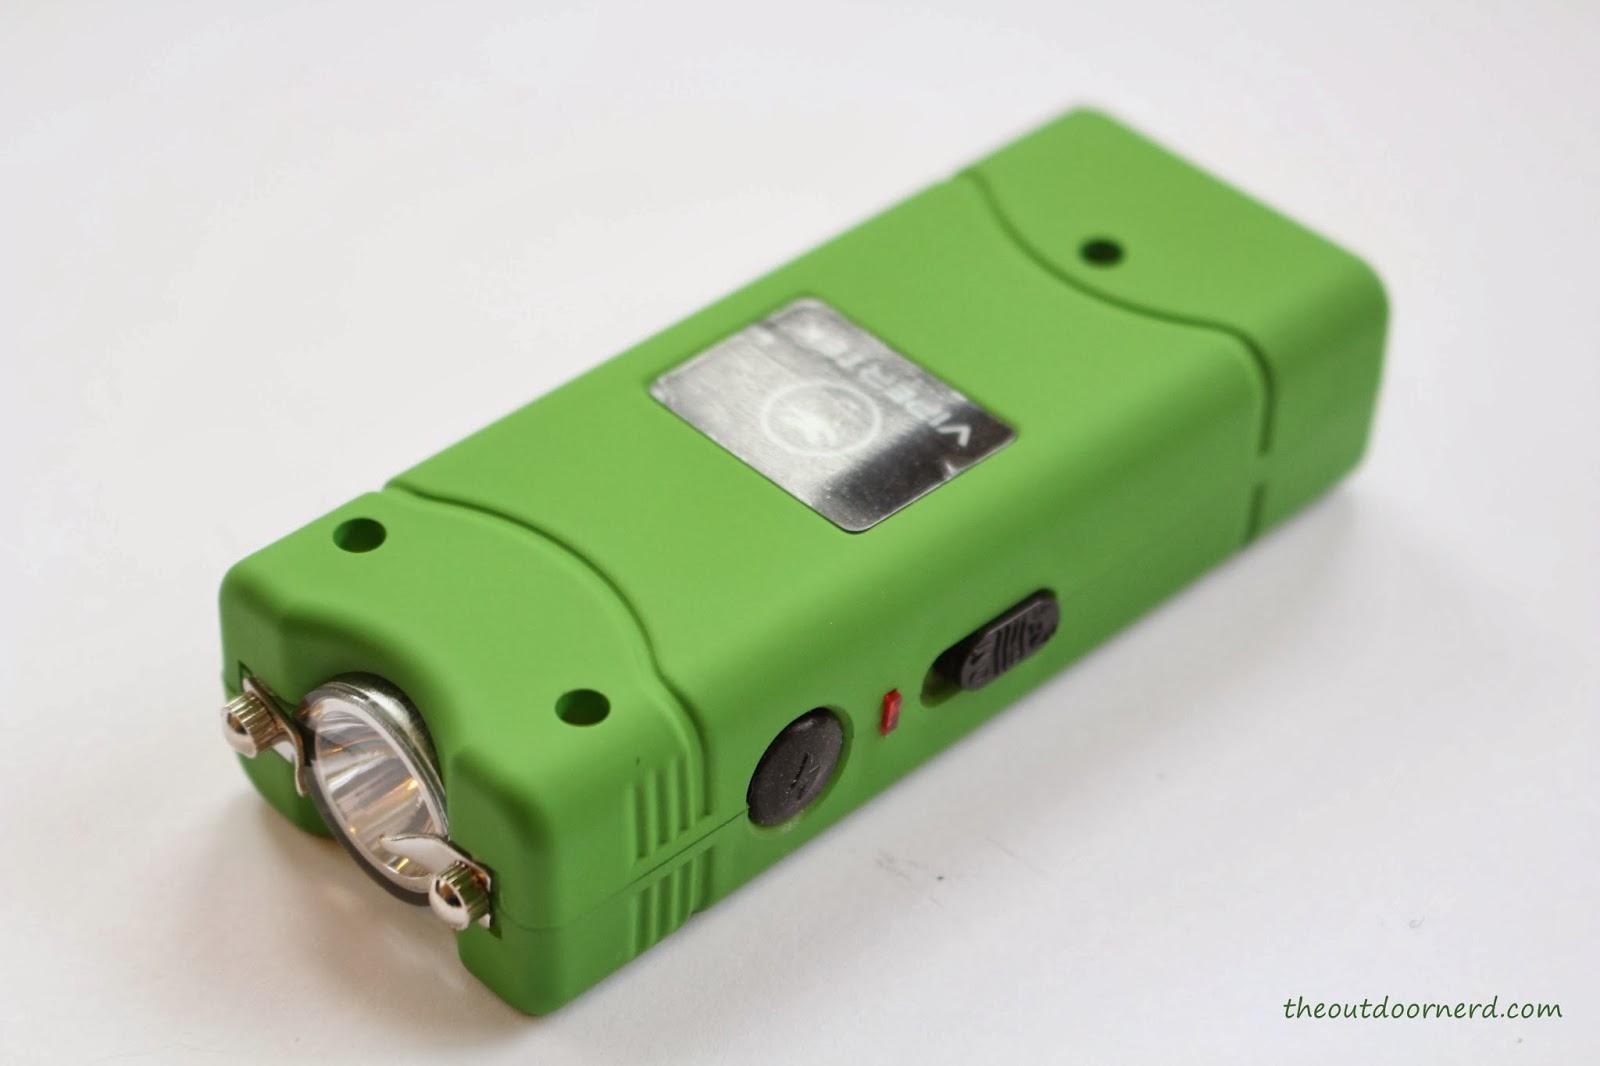 Vipertek VTS-881: Closeup Of Green Model 3